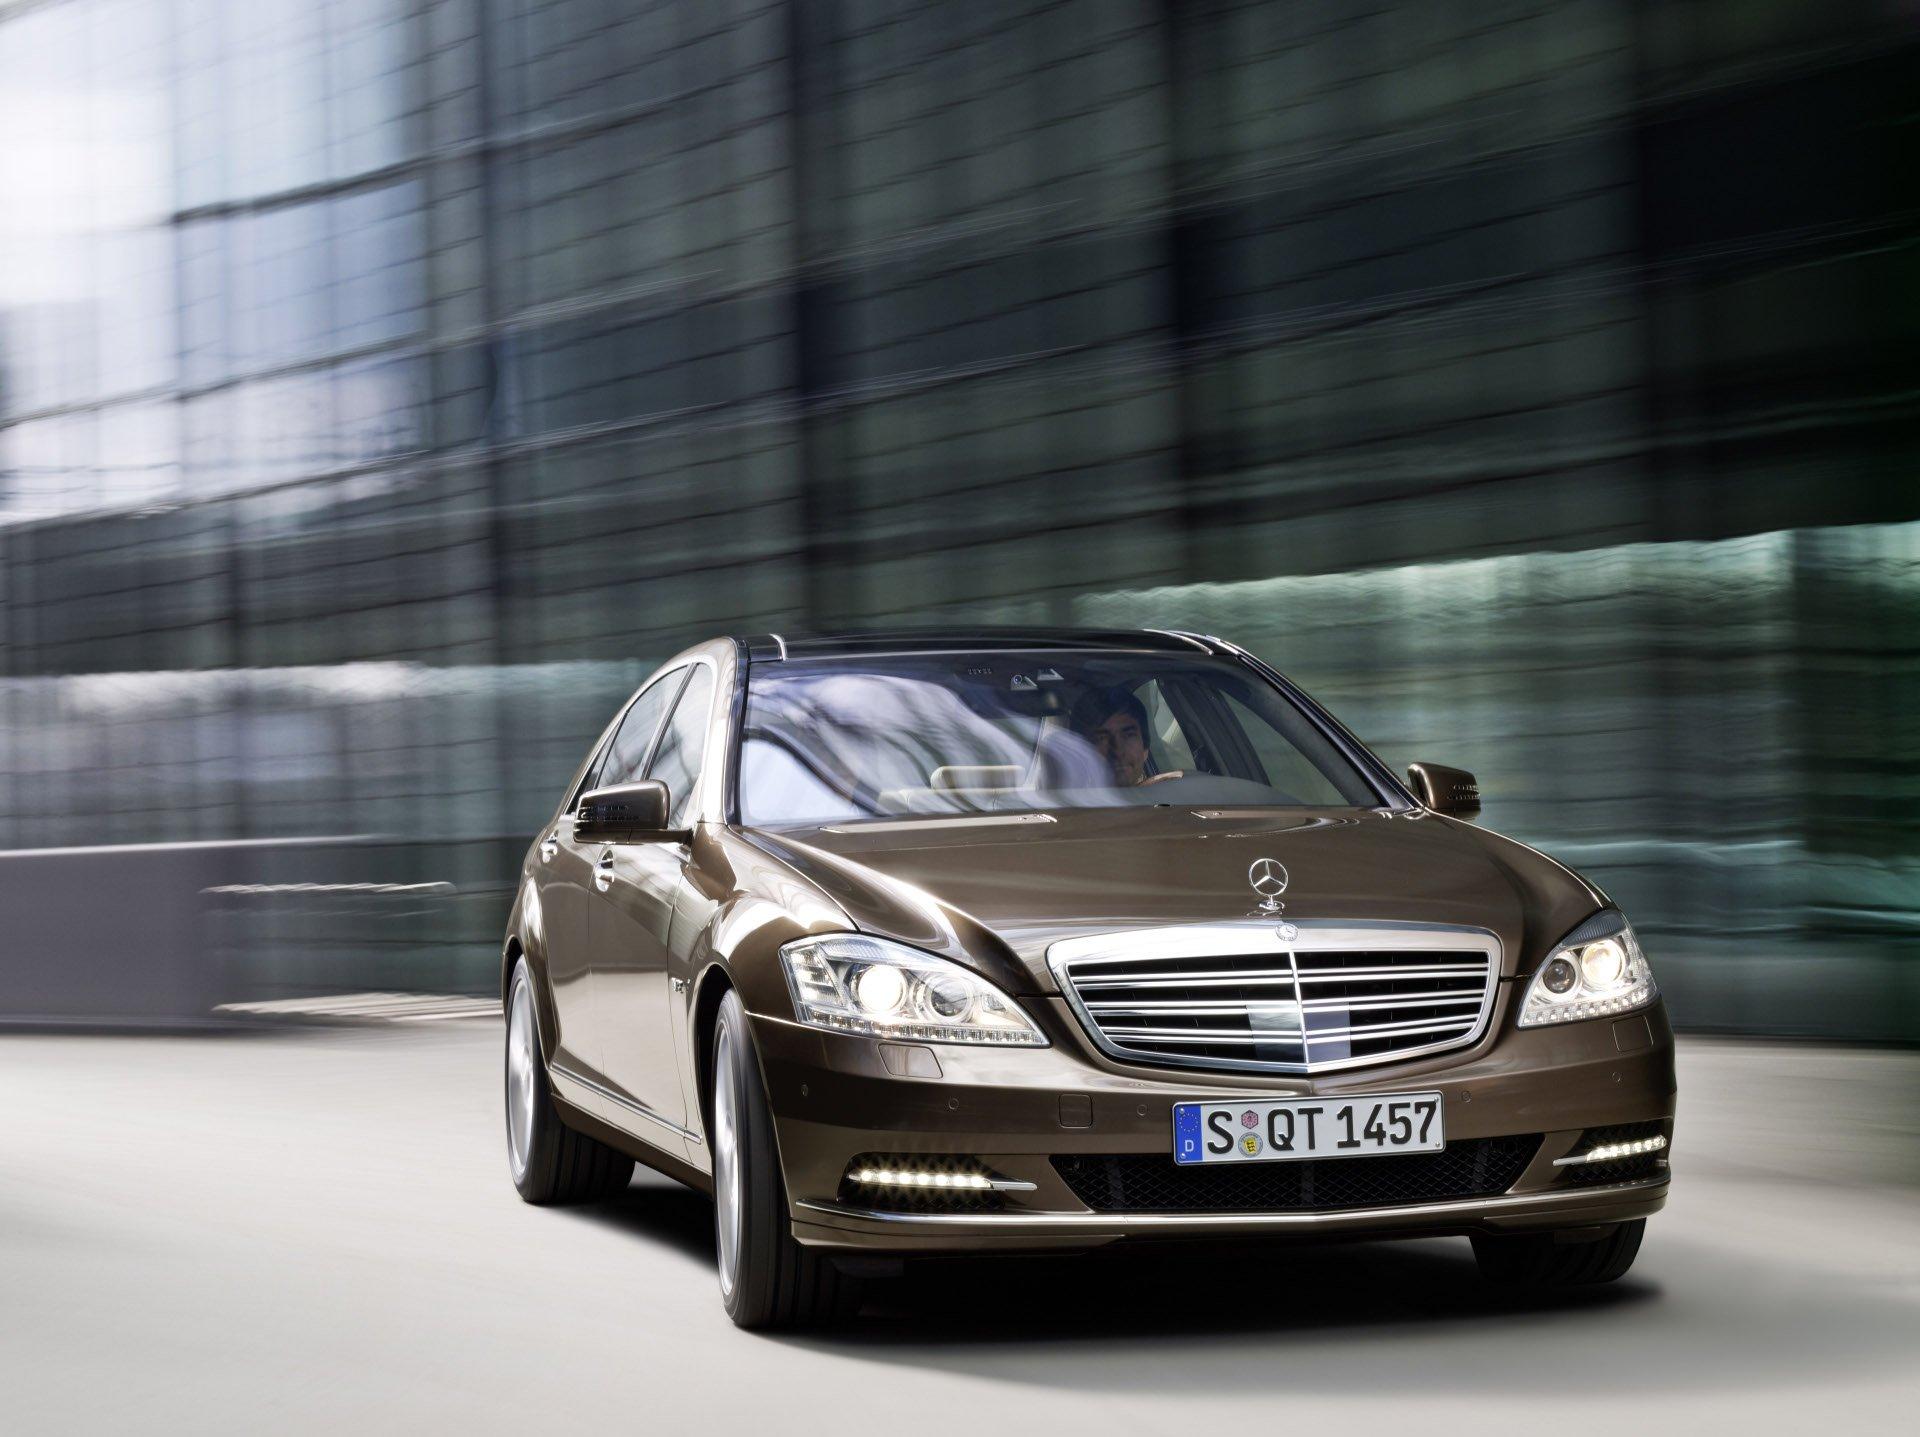 Жители России накупили элитных авто на45 млрд. руб.